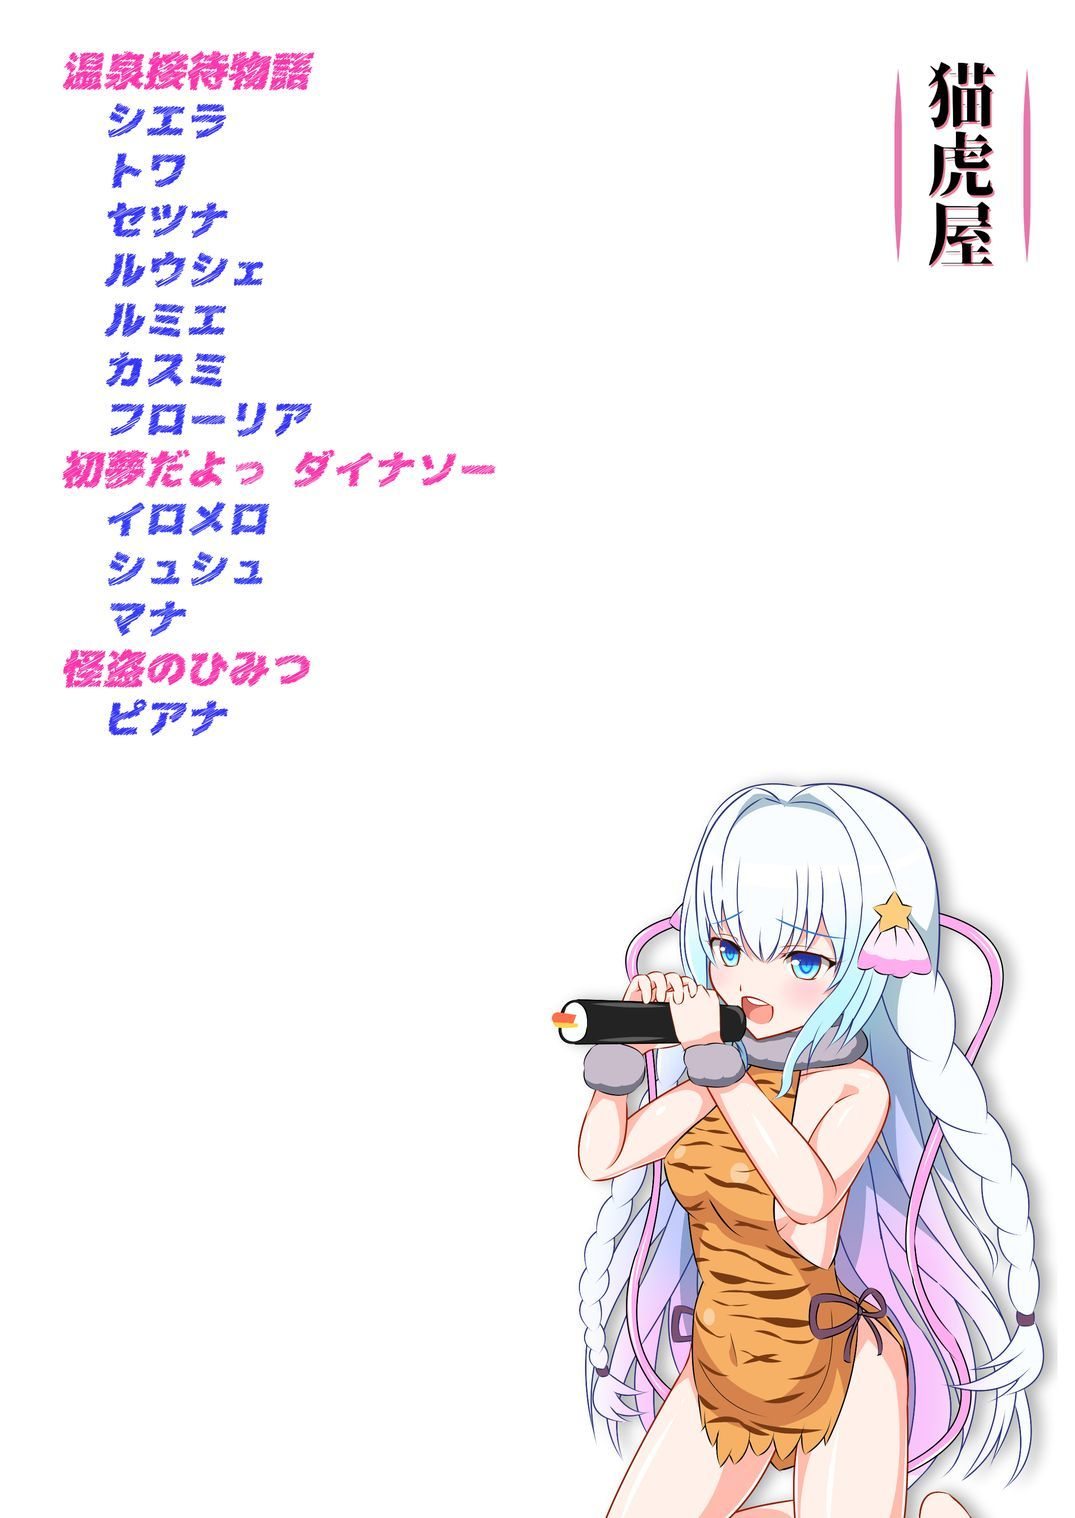 シロネコ絵本vol.1 温泉接待物語